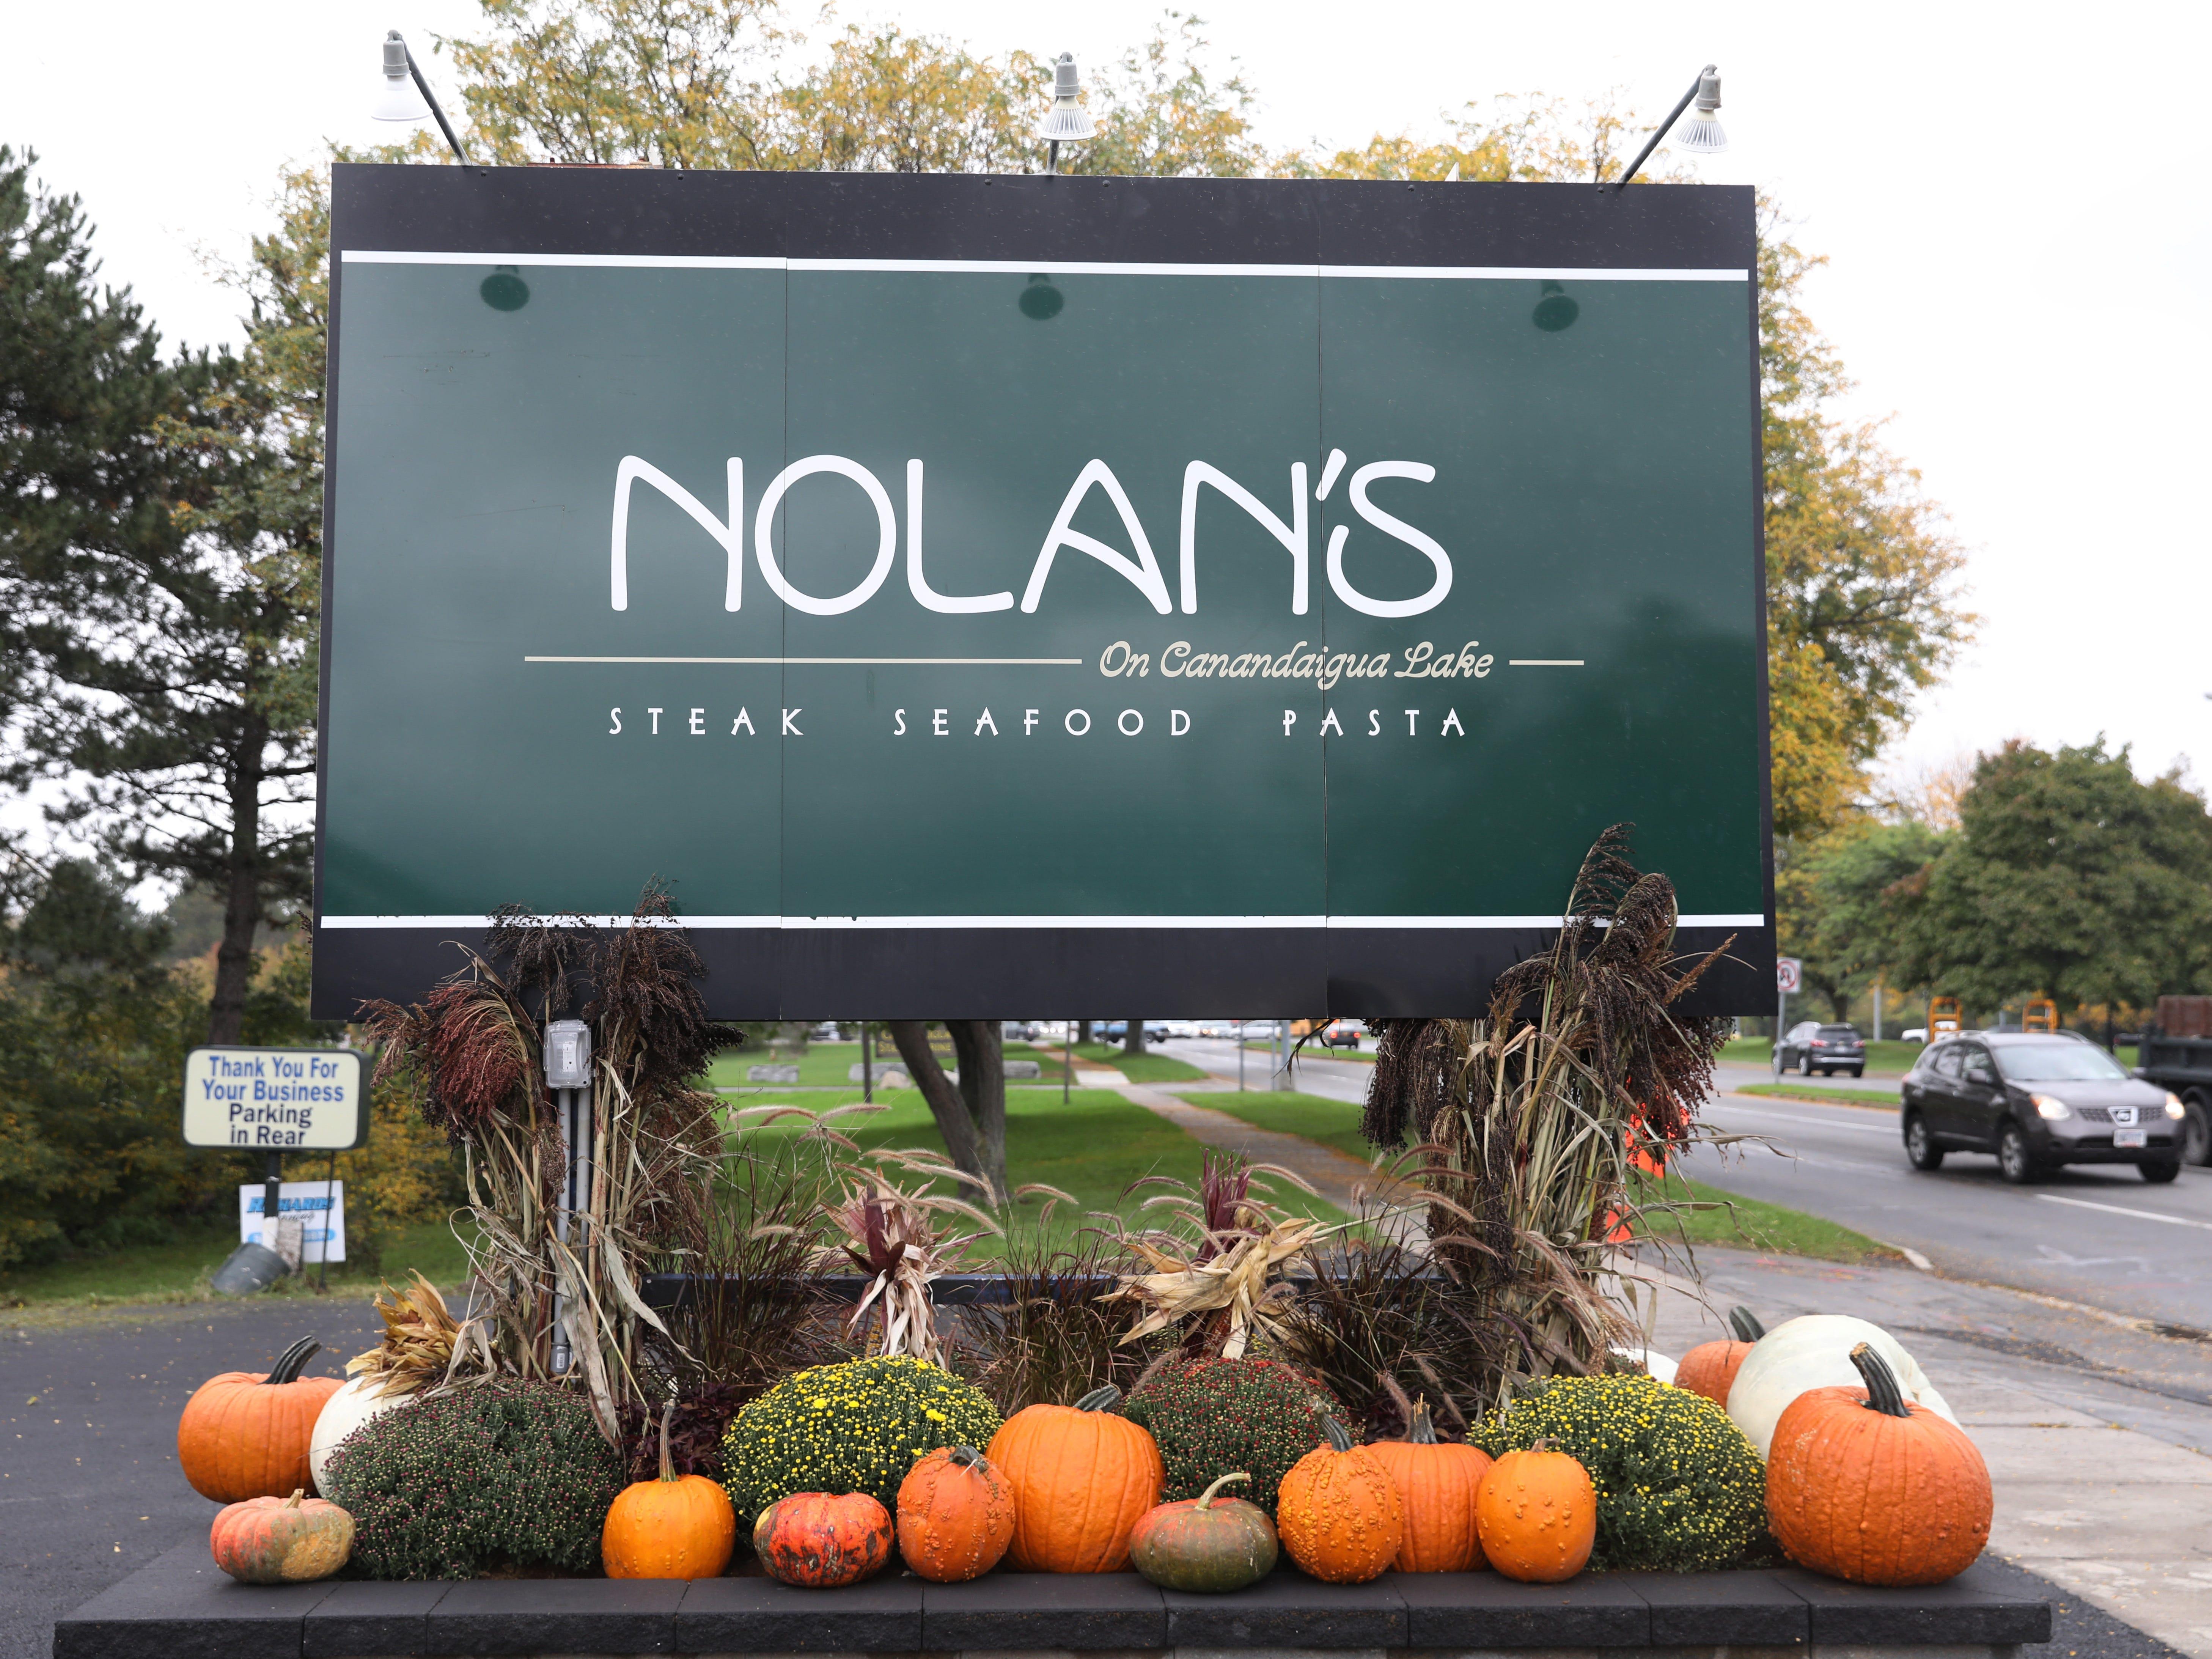 Nolan's in Canandaigua.